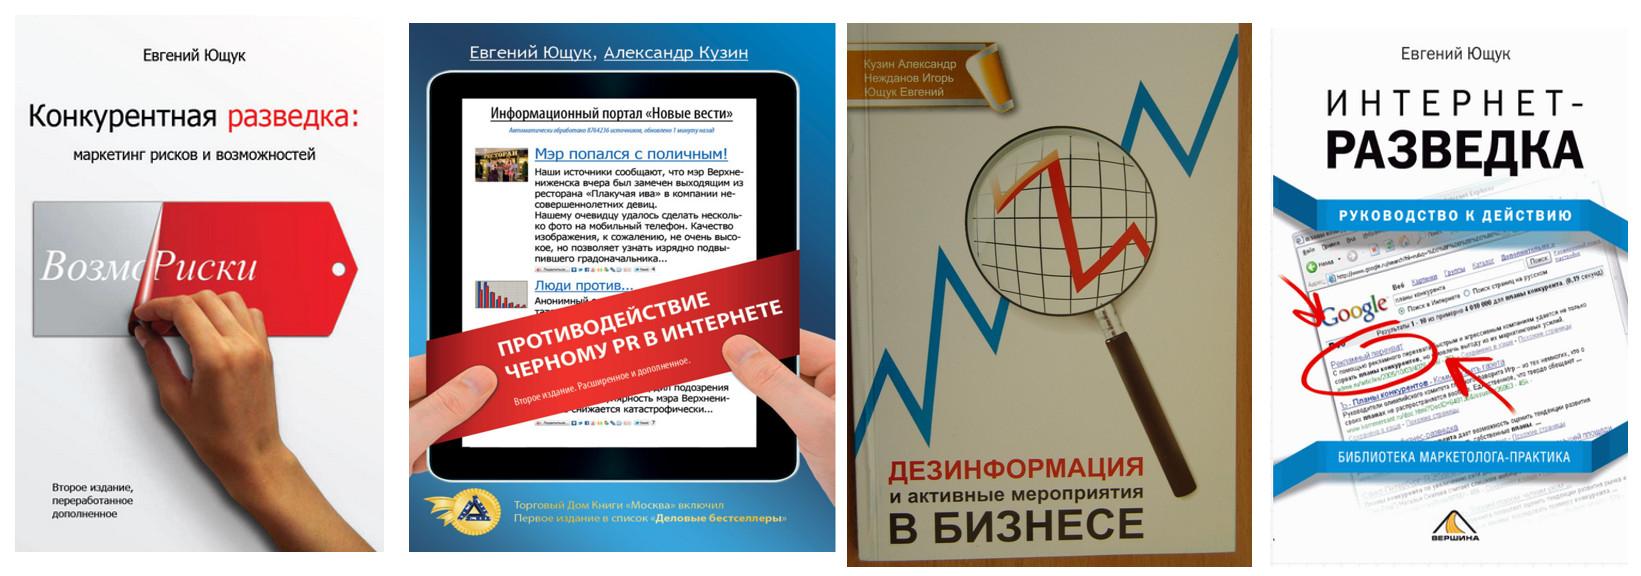 Евгений Ющук - книги для бизнеса